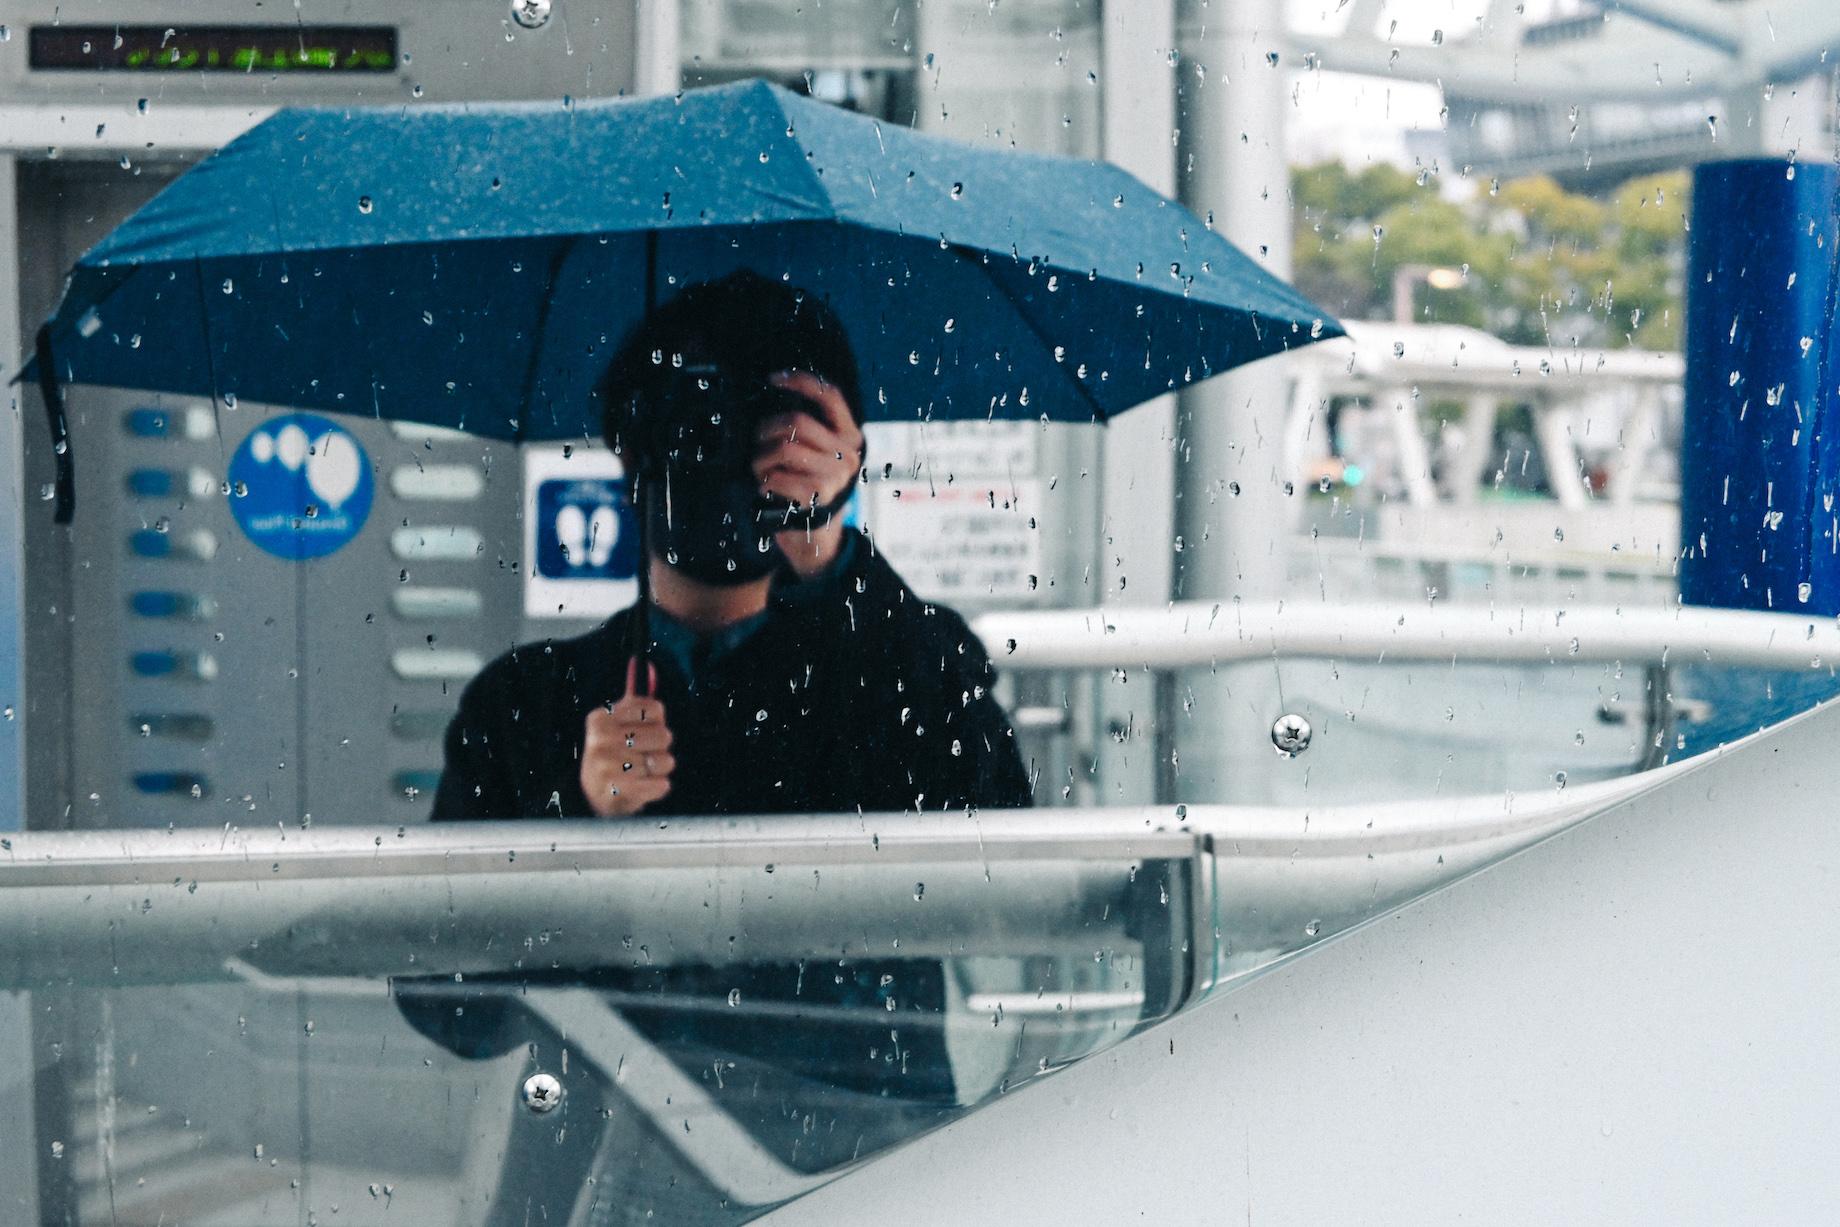 NIKKOR Z DX 16-50mm f/3.5-6.3 VR 作例写真